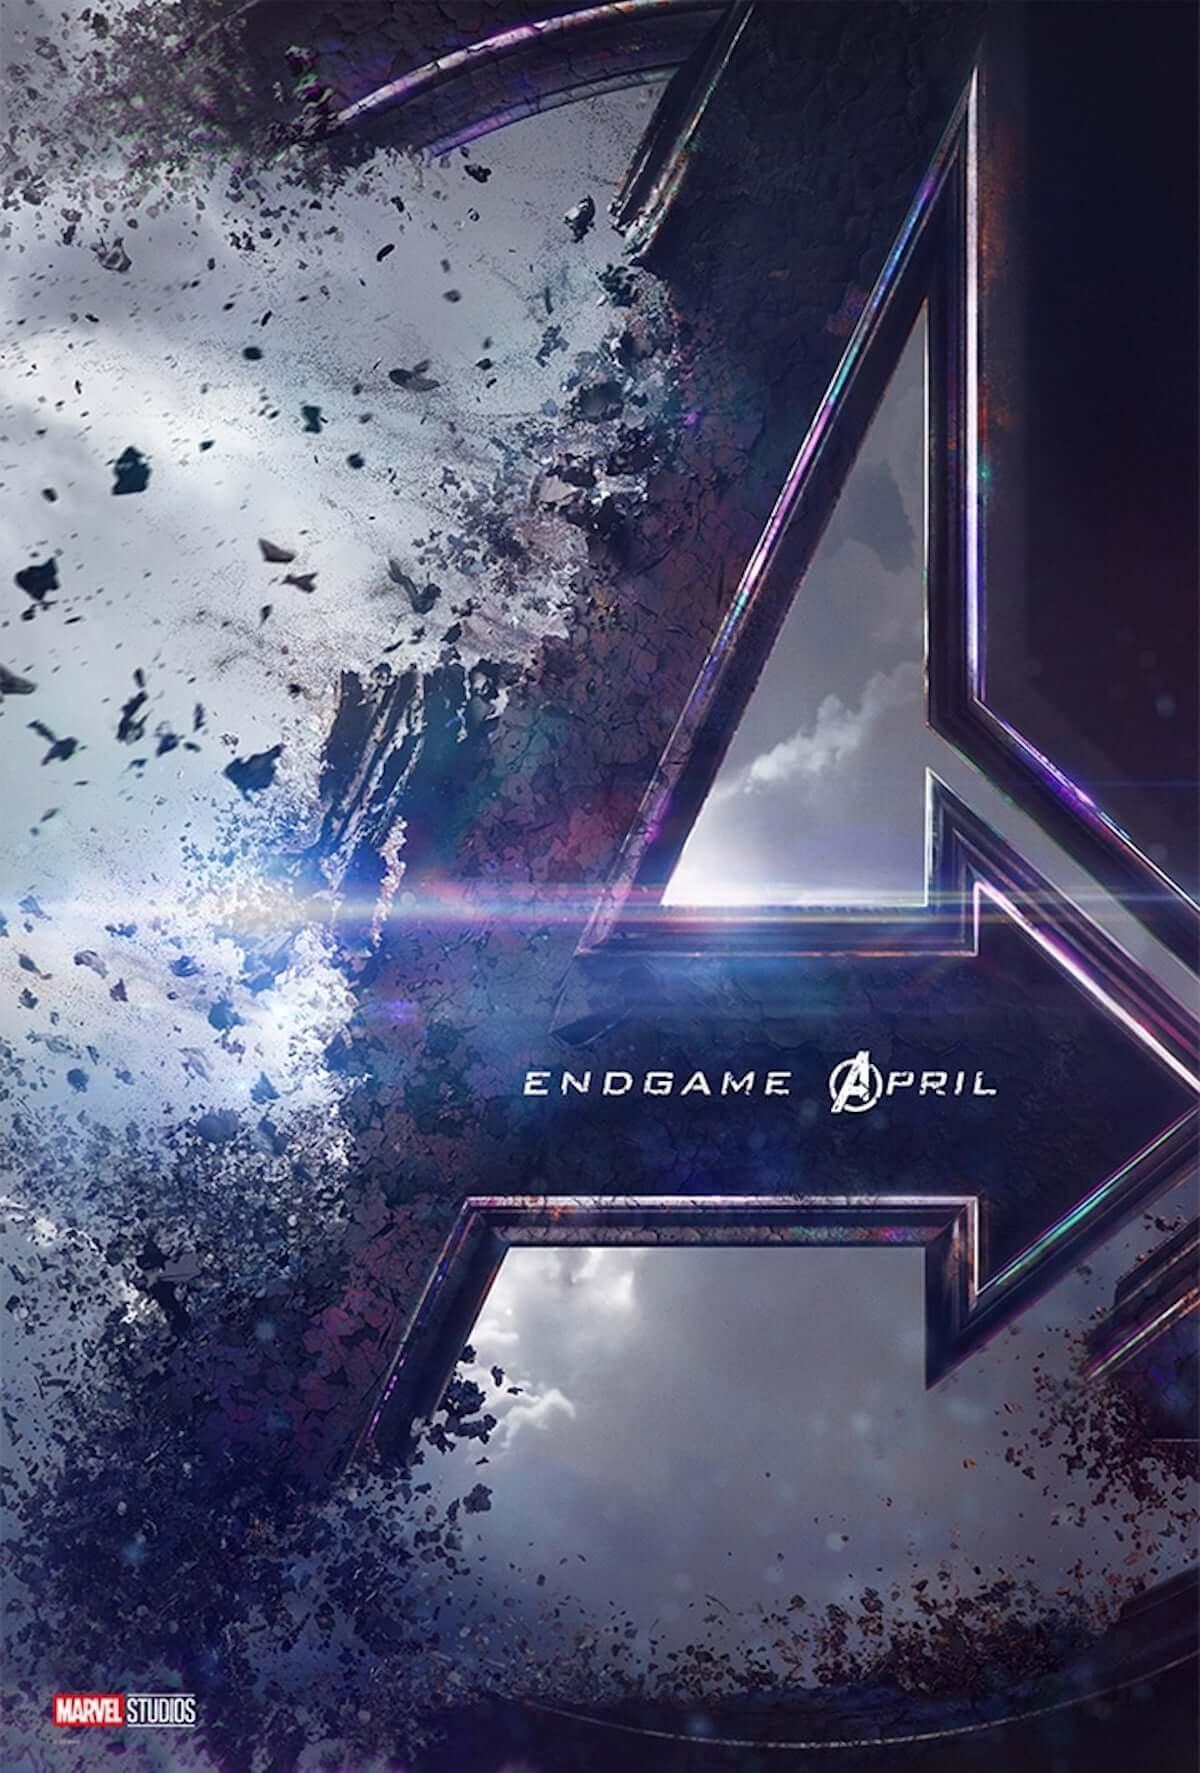 『アベンジャーズ/エンドゲーム』は終わらない!? 上映時間3時間越え film190207-avengers-endgame-1200x1773